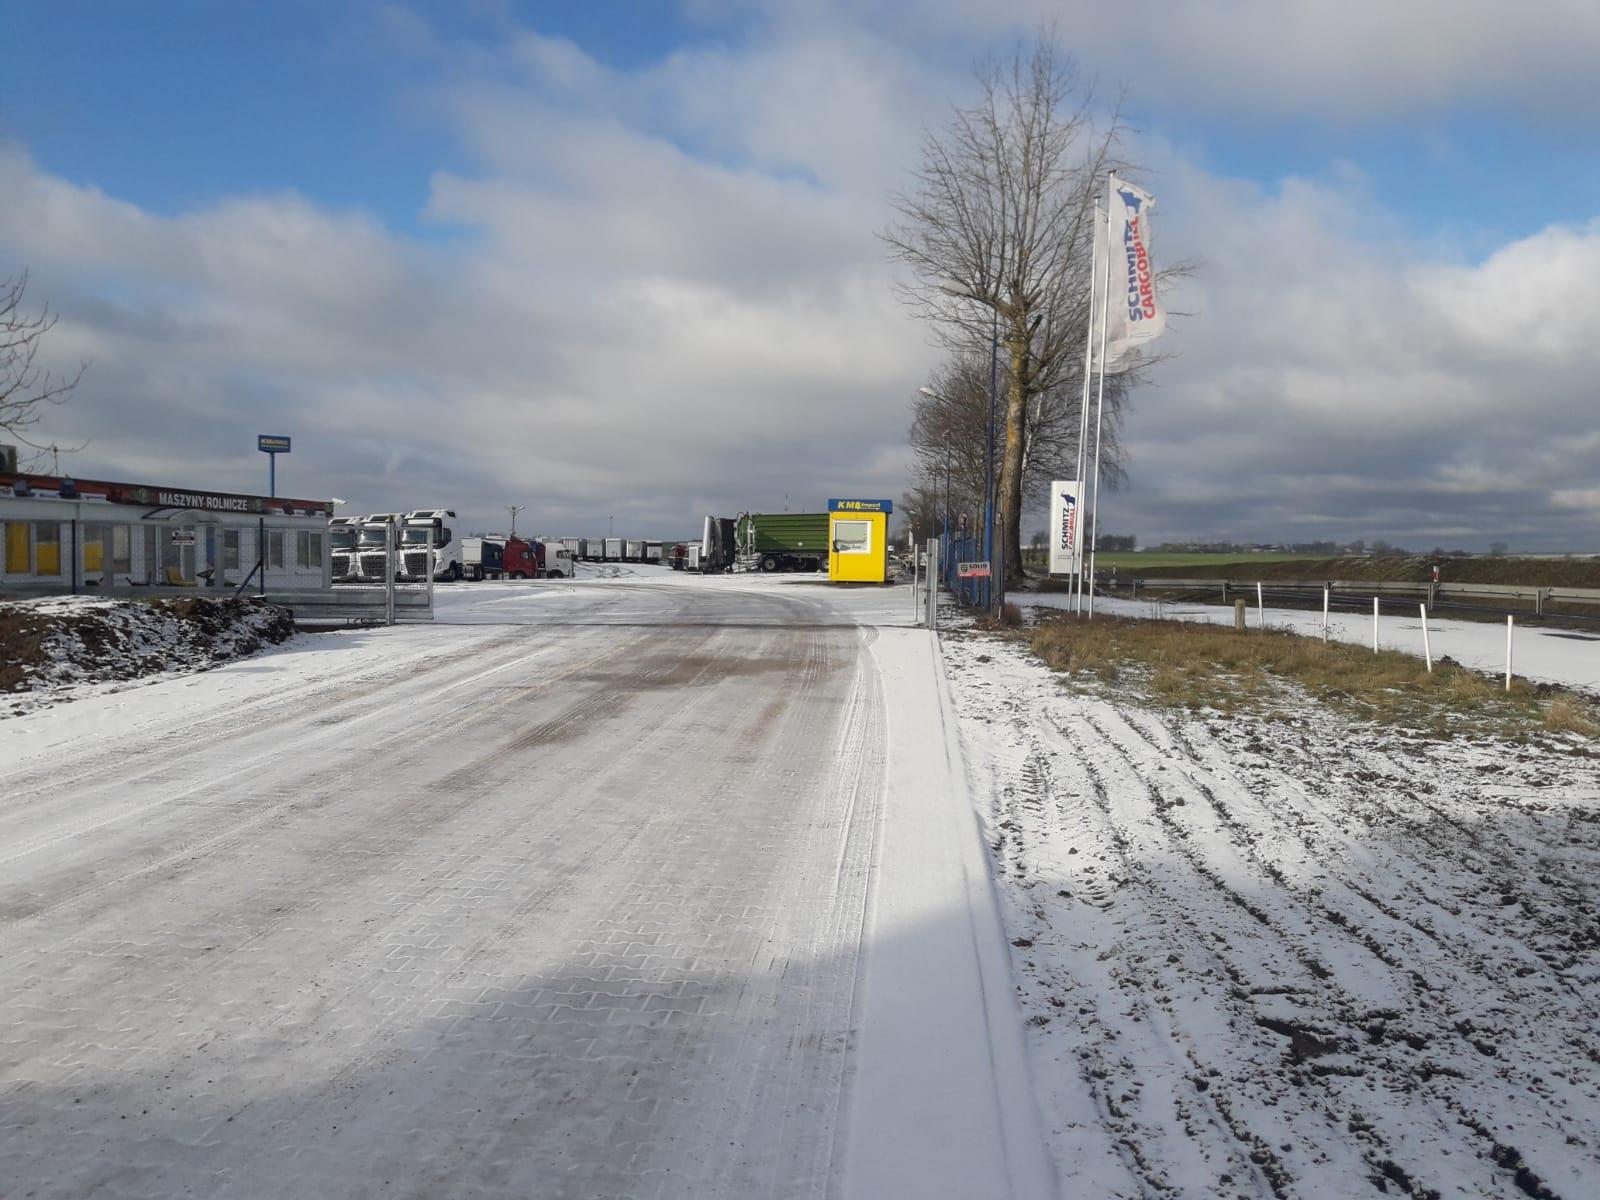 Nowa brama wjazdowa do KM IMPORT - KM Import